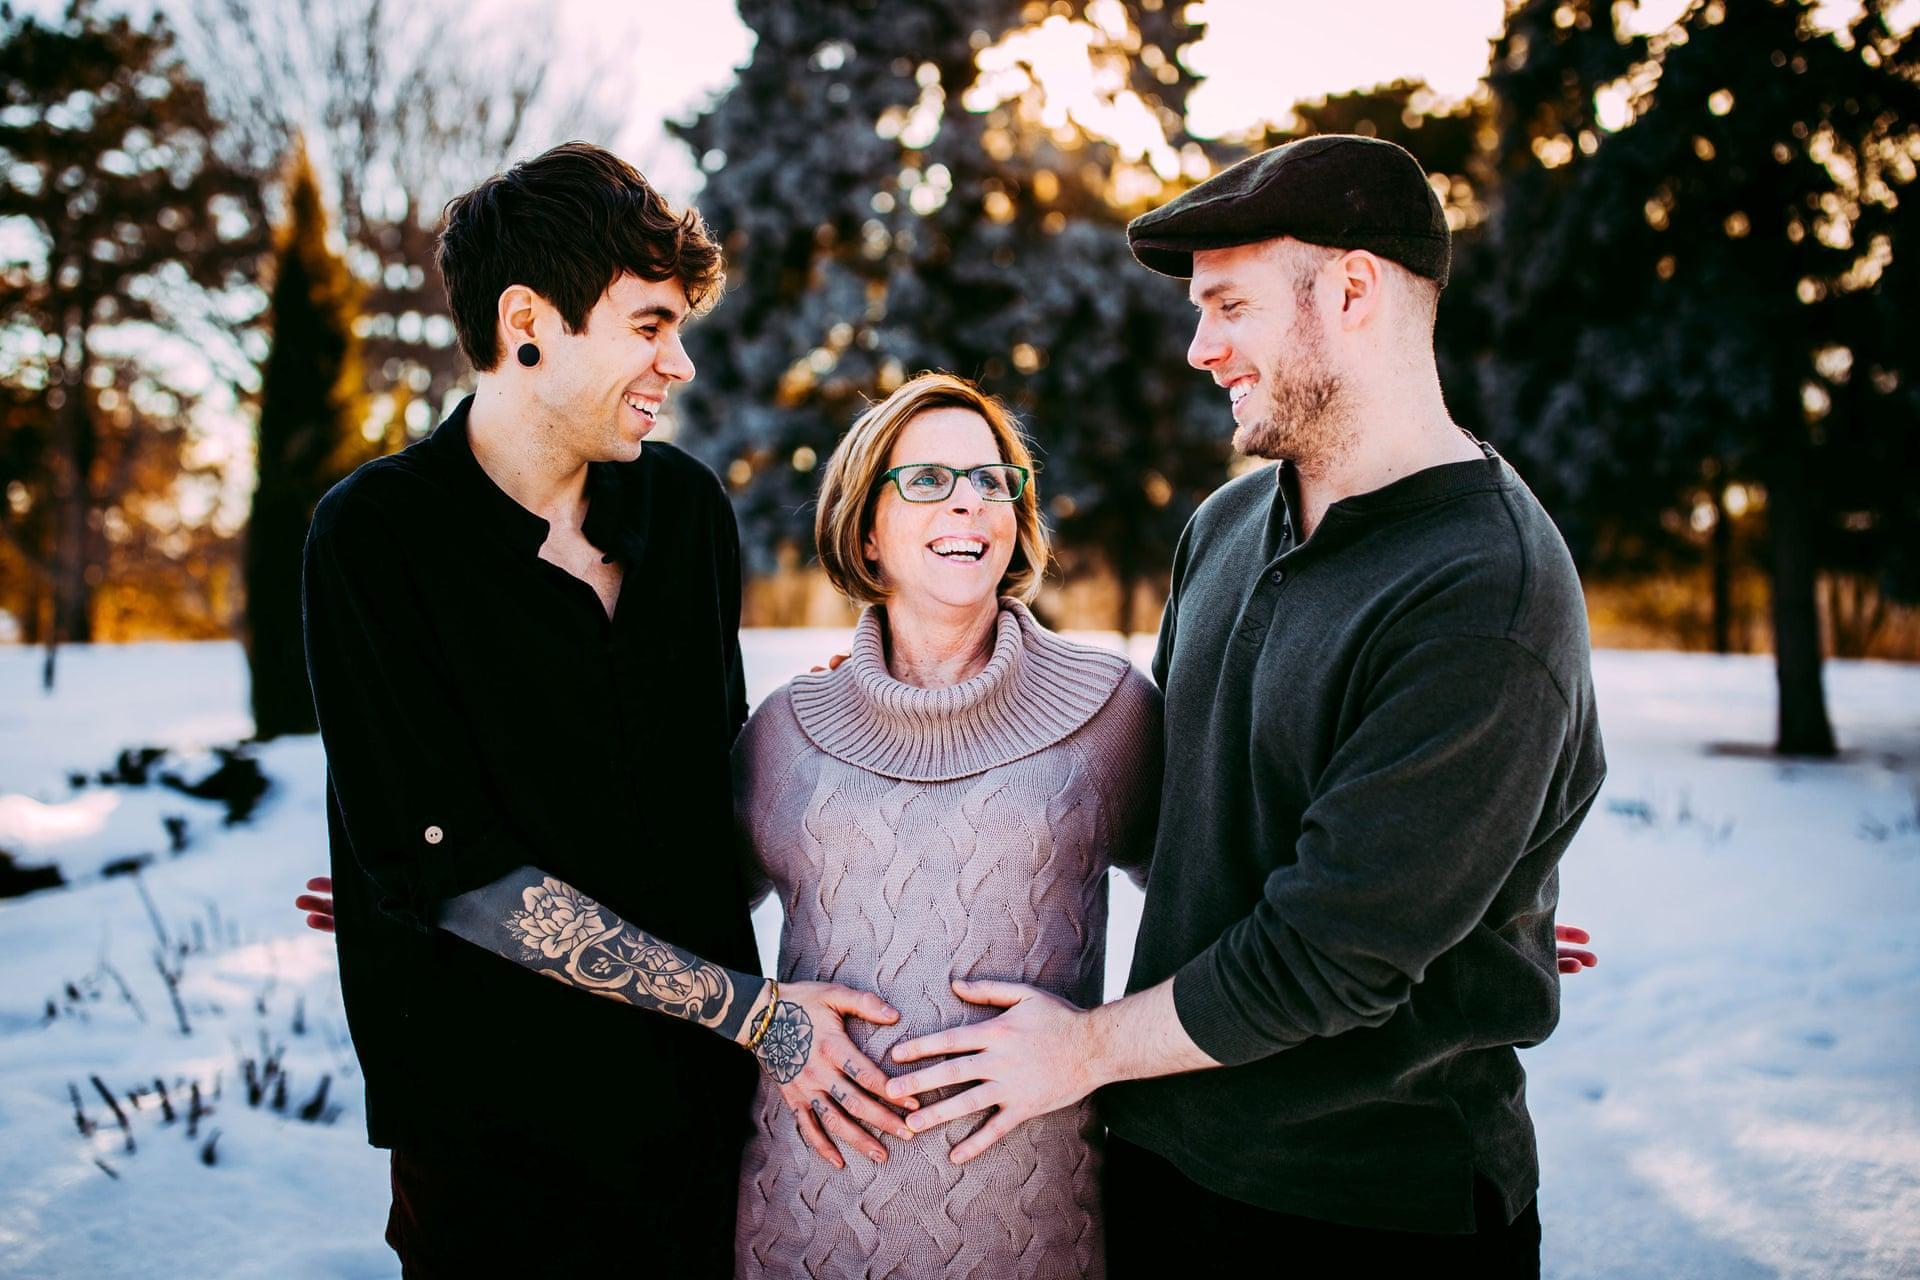 Mỹ: 61 tuổi mang thai hộ cho con trai đồng tính Ảnh 3